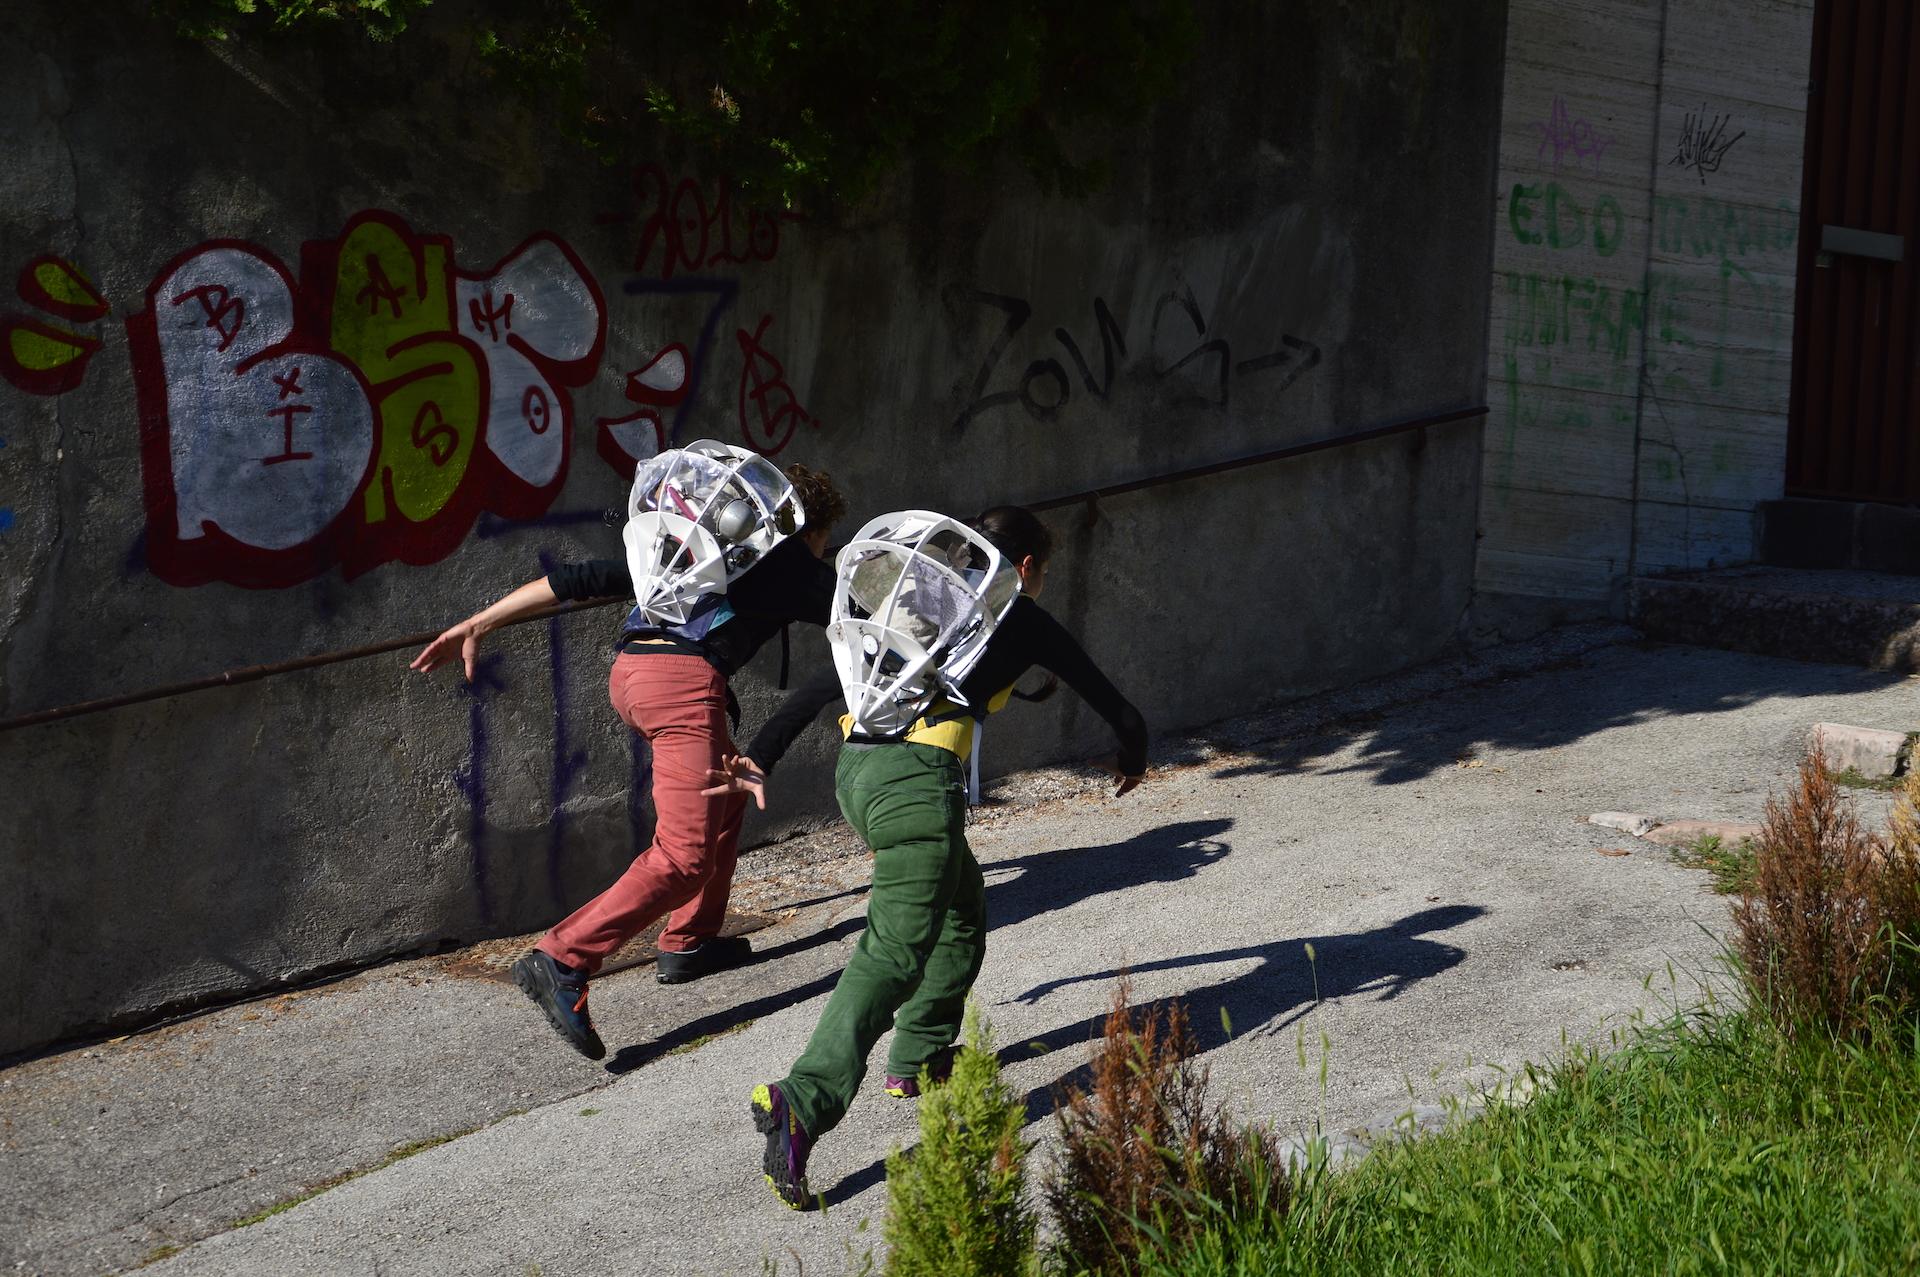 Oltrepassare - Dezulian-Porro - ph. Marco Castarolli